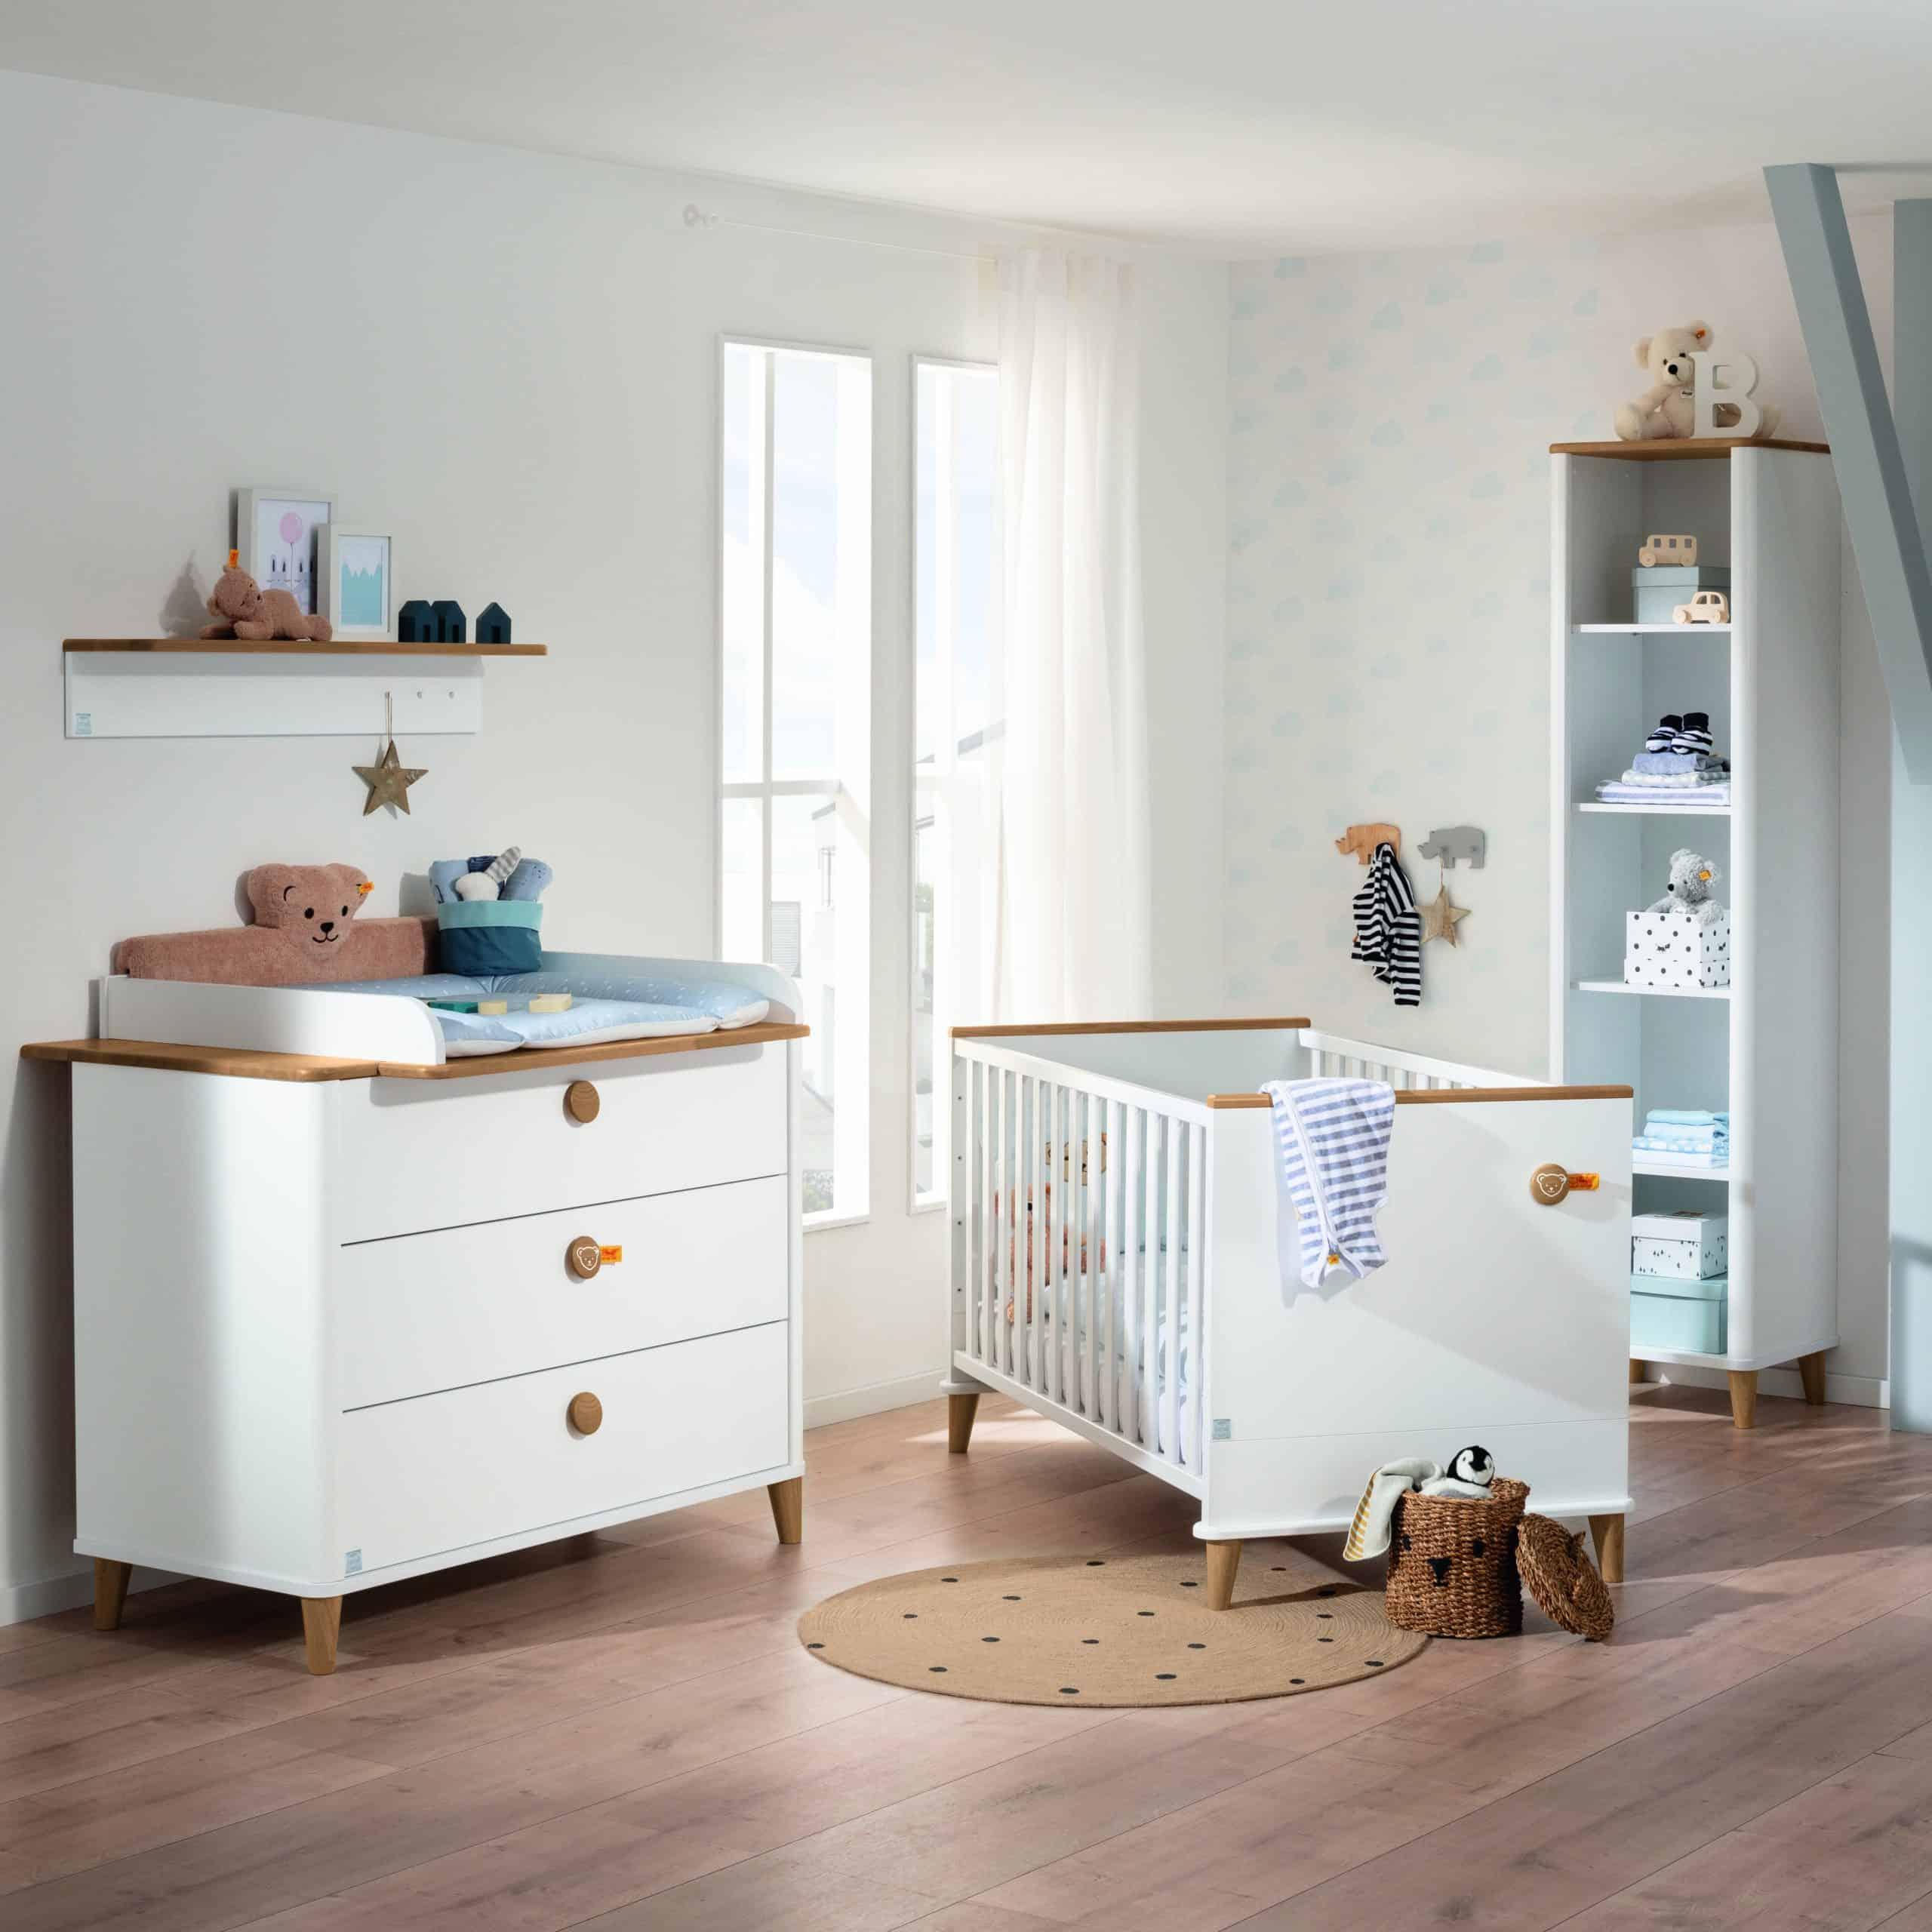 嬰兒床和更換尿布枱–不僅僅是一件普通的家具